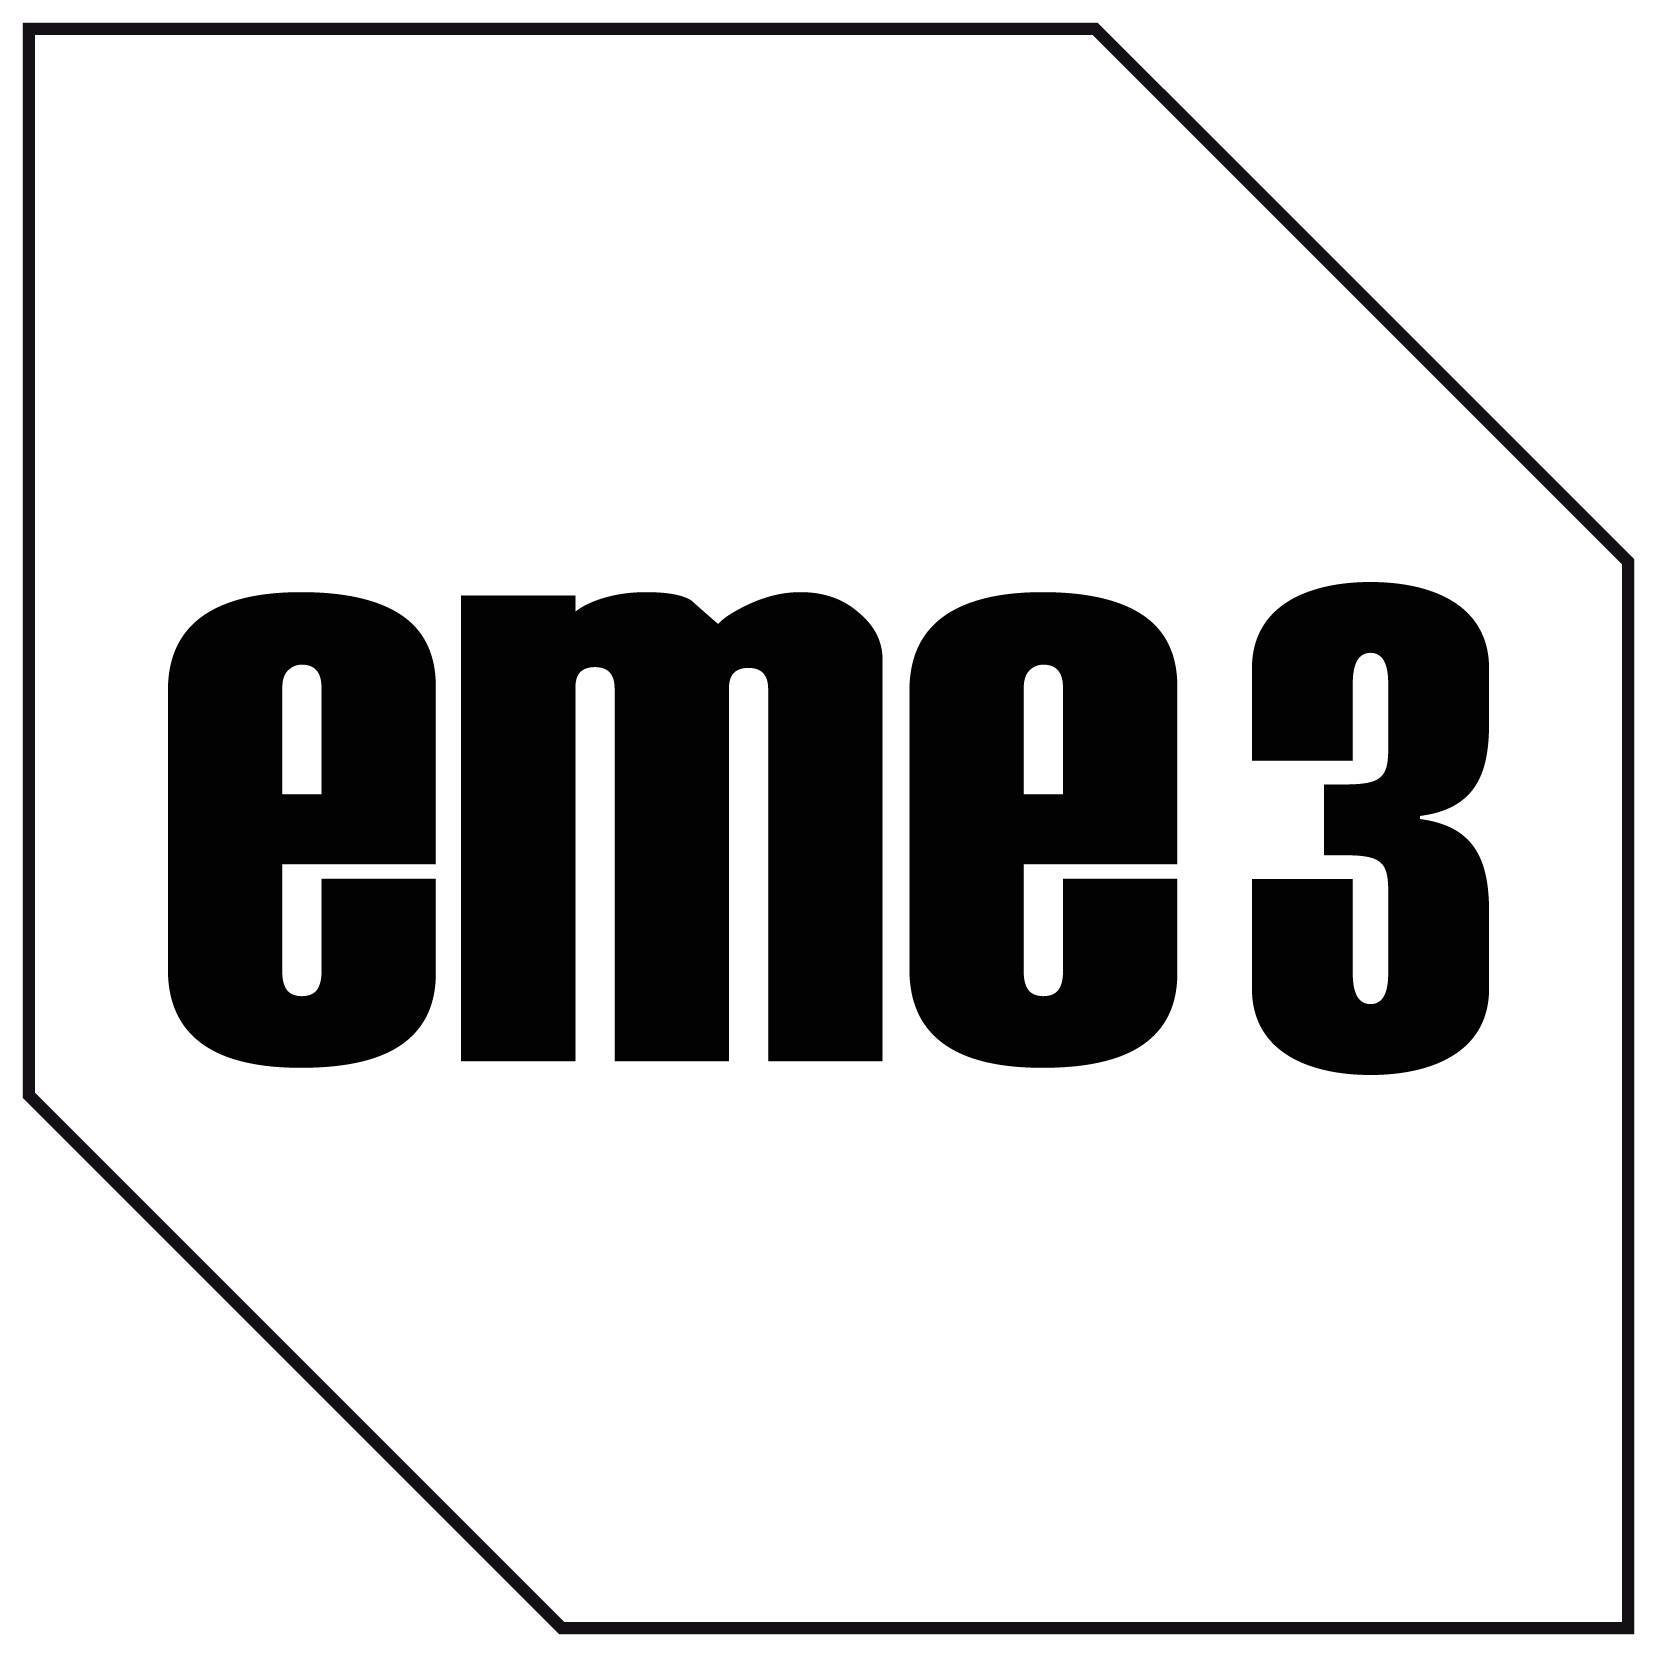 eme3.jpg